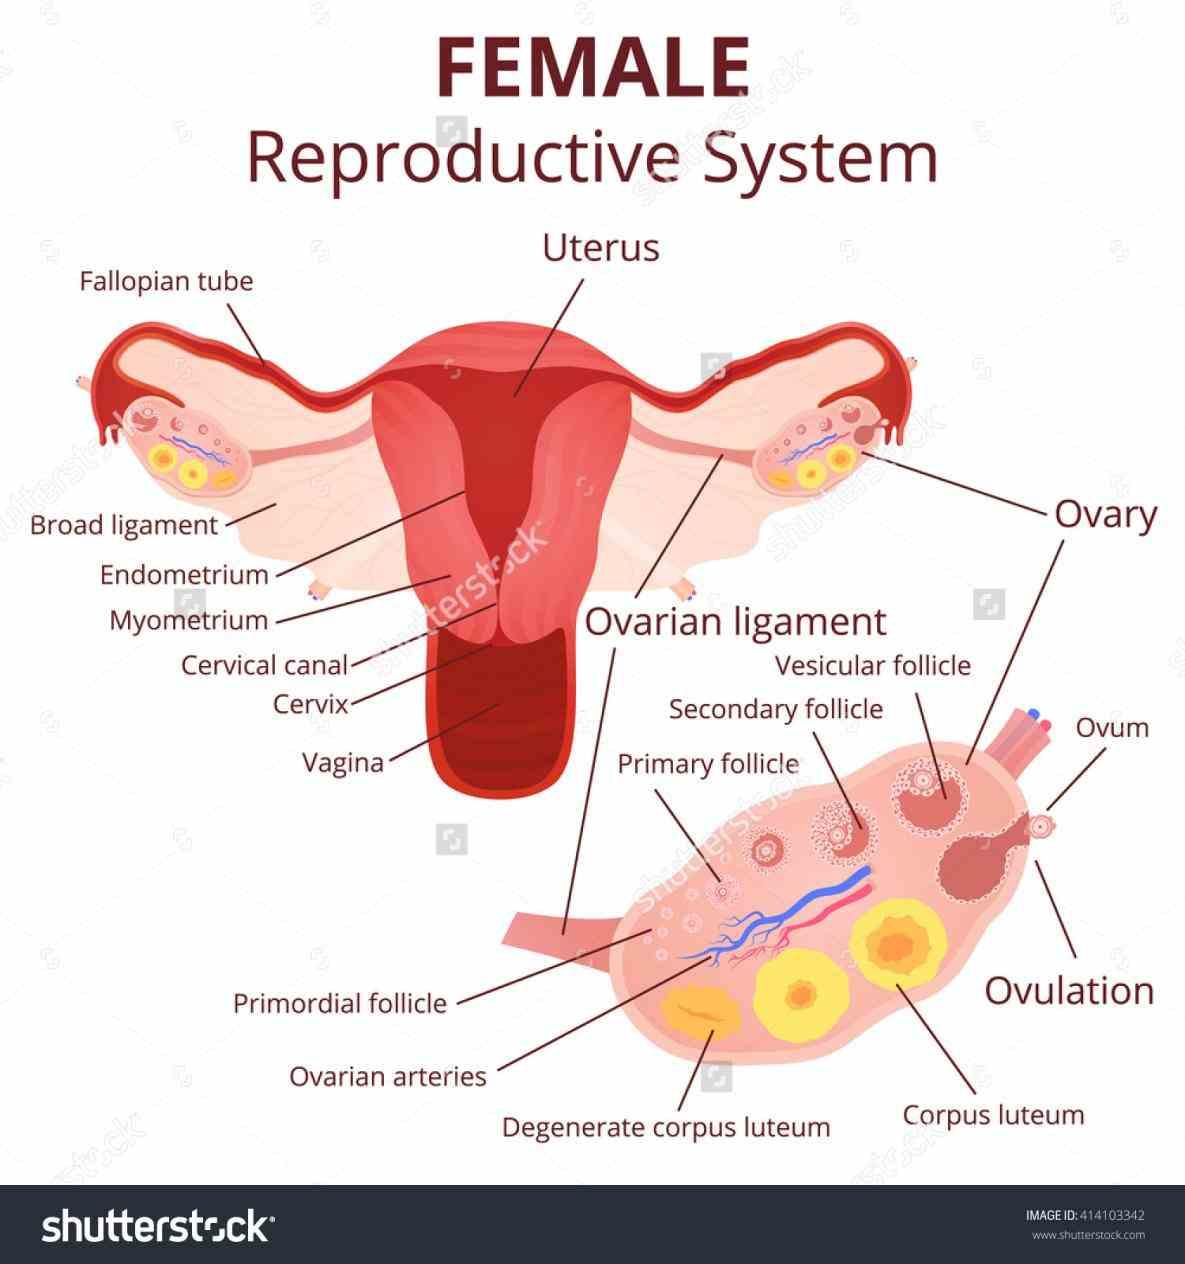 Anatomy of ovary and uterus